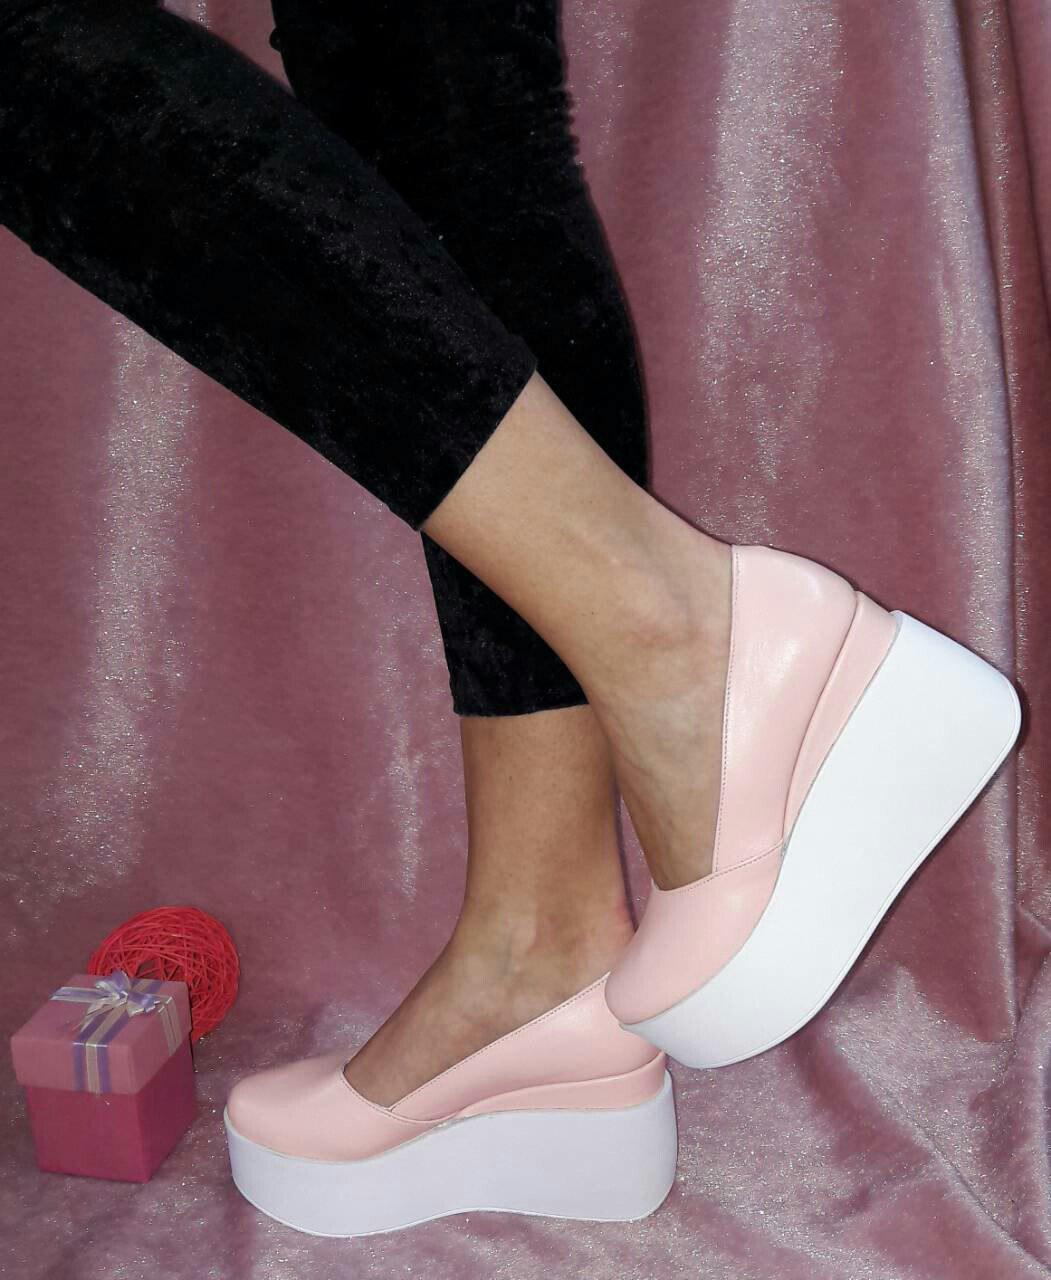 b437ffe3b Женские туфли ПУДРА на белой платформе натуральная кожа - ГЛЯНЕЦ   Интернет- магазин КОЖАНОЙ обуви